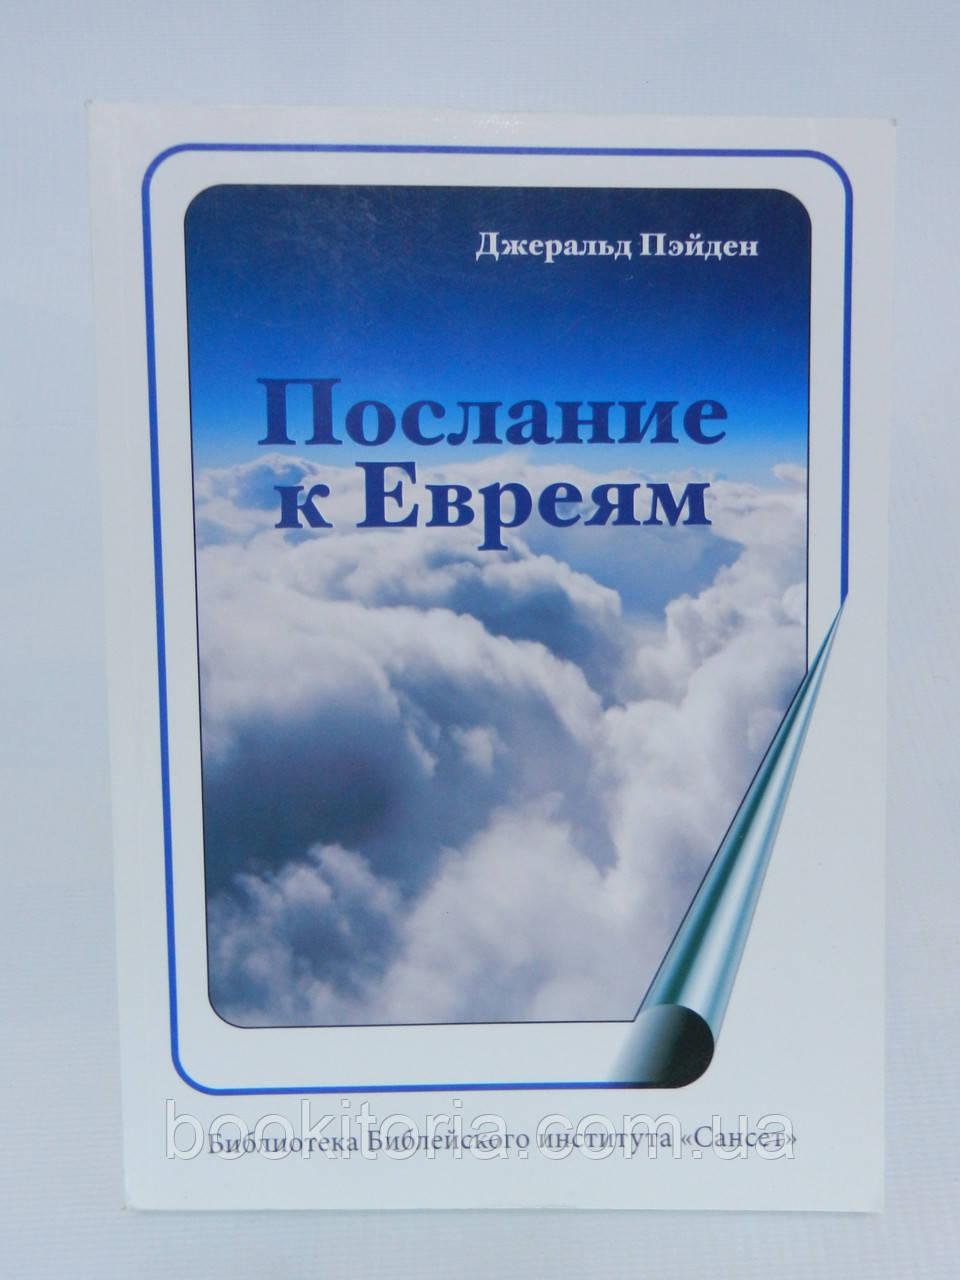 Пэйден Д. Послание к Евреям (б/у).